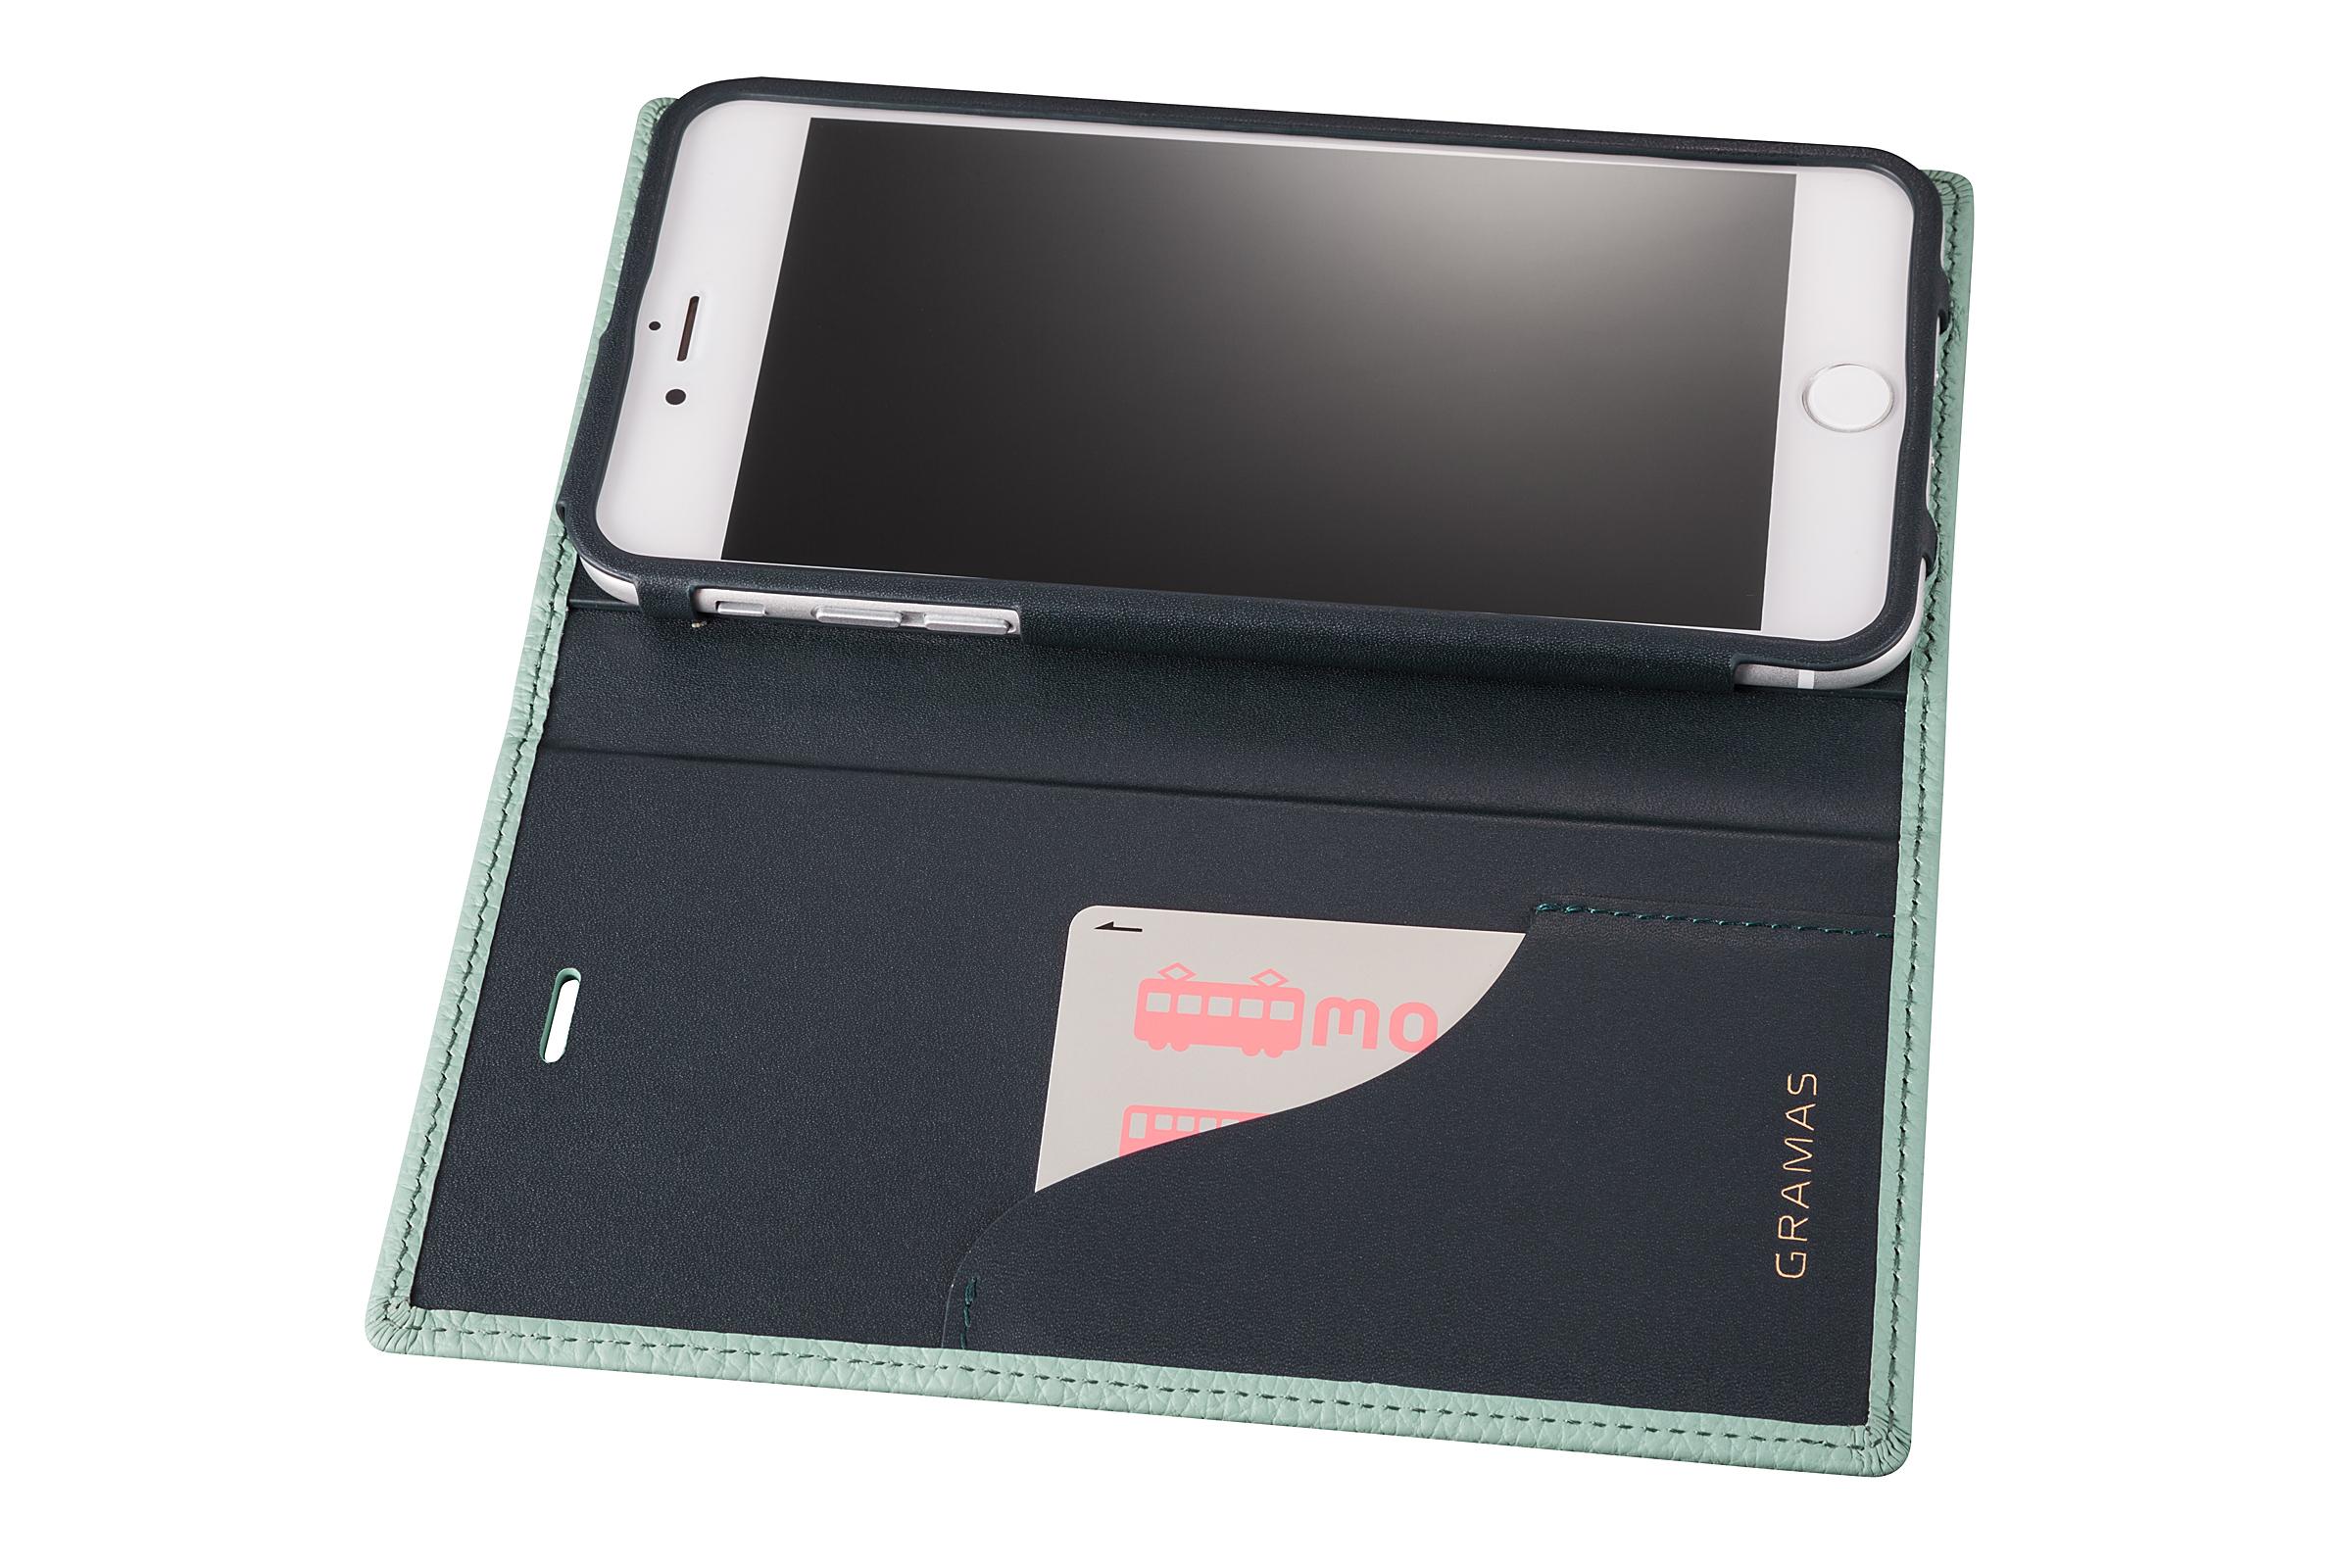 GRAMAS Shrunken-calf Full Leather Case for iPhone 7 Plus(Blue) シュランケンカーフ 手帳型フルレザーケース - 画像4